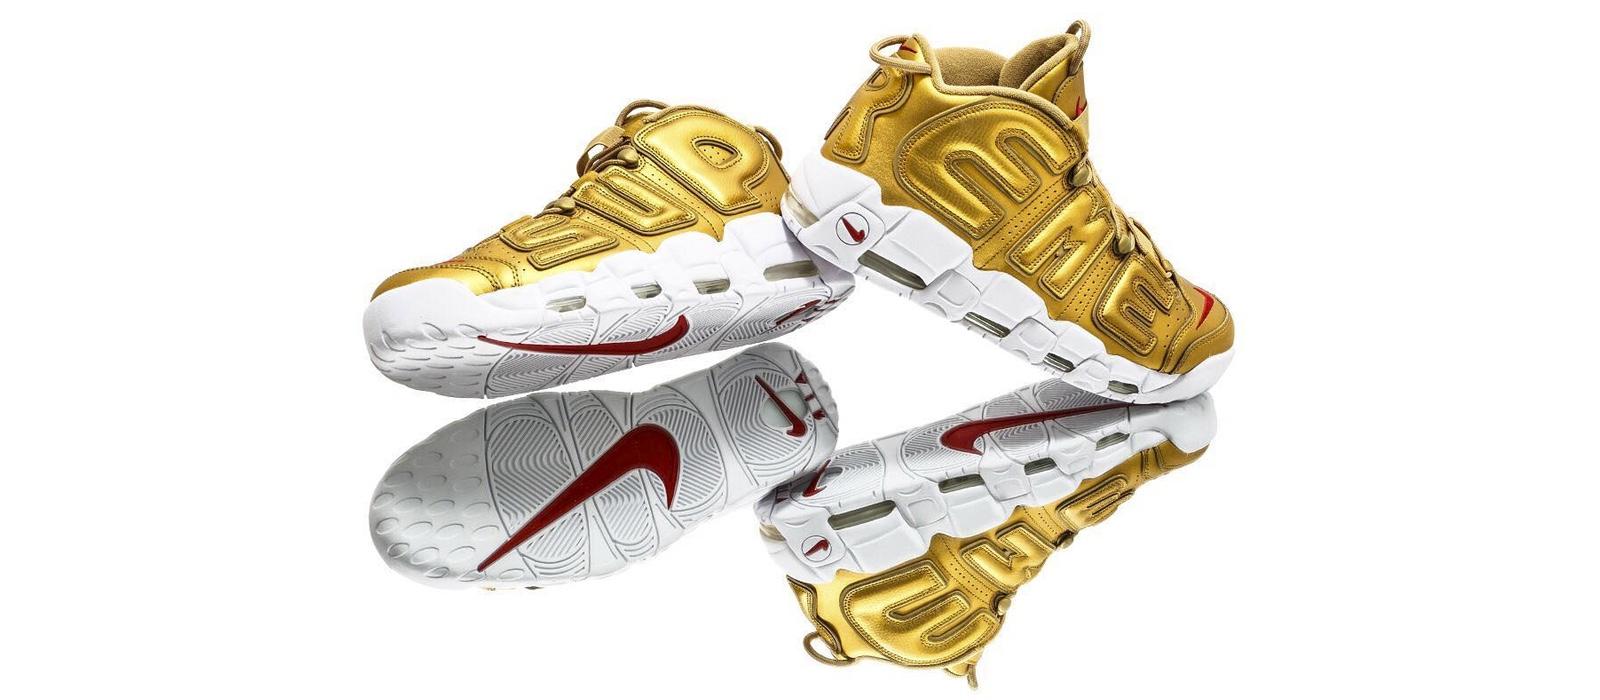 Découvrez de plus près la Gold Supreme x Nike Air More Uptempo